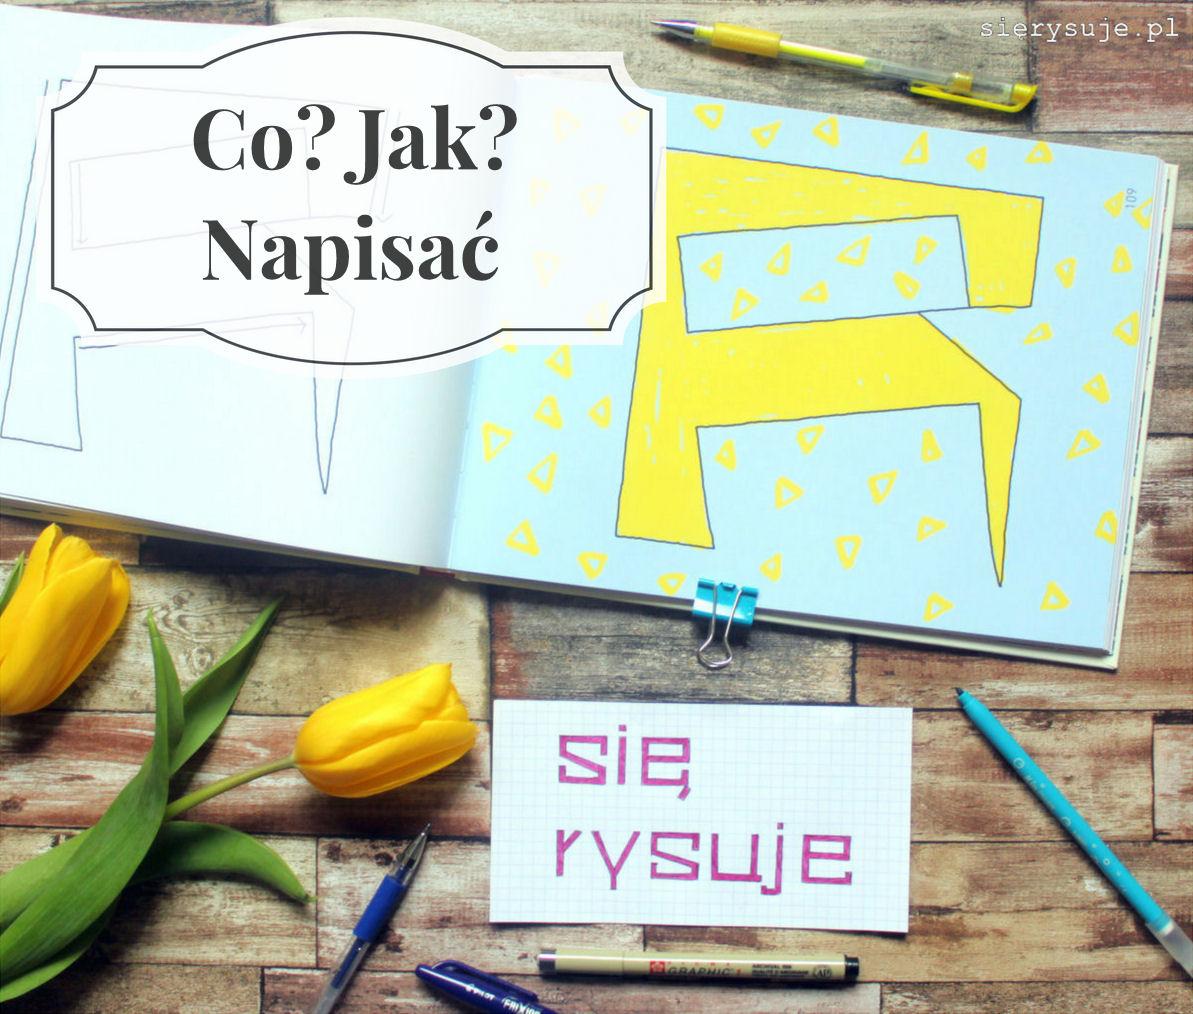 sierysuje.pl książka lettering liternictwo